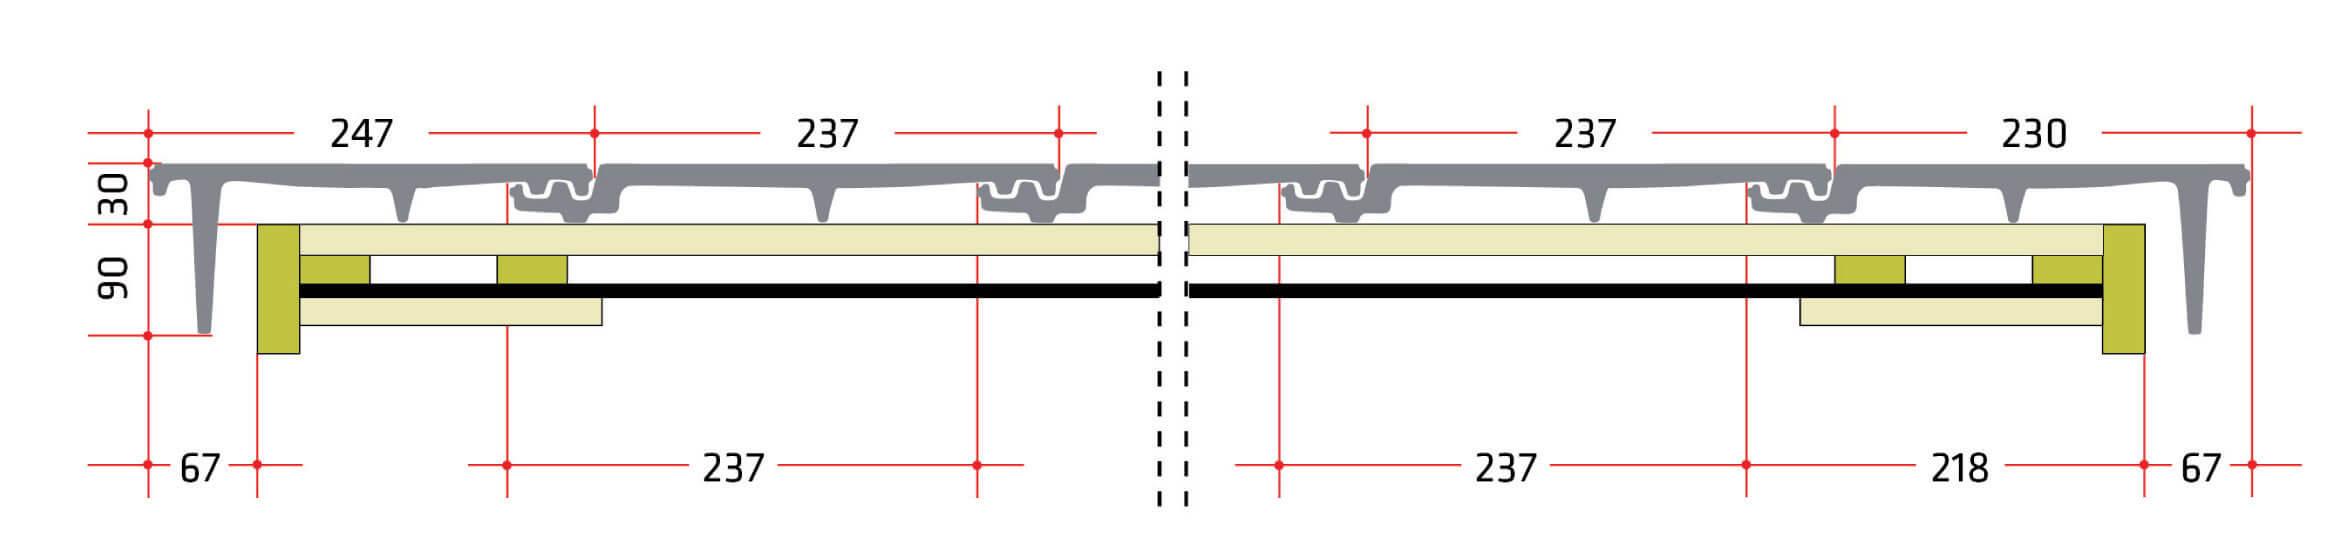 """Dachówki skrajne. W przypadku dachówek skrajnych leżących w jednej płaszczyźnie ze ścianą szczytową należy pamiętać, że w trakcie planowania trzeba liczyć się z odpowiednią, dopasowaną średnią szerokością pokrycia. Więcej swobody daje nam przy tym występ deski szczytowej, który będzie wykonany od spodu i od strony czołowej (jak na przekrojach). Zastosowano tutaj odstęp 10 mm od deski do """"płetwy"""". W przypadku innego odstępu należy dopasować wymiary deski osłonowej szczytowej. Podane wymiary dotyczą dachówki ceramicznej Bergamo marki Röben."""